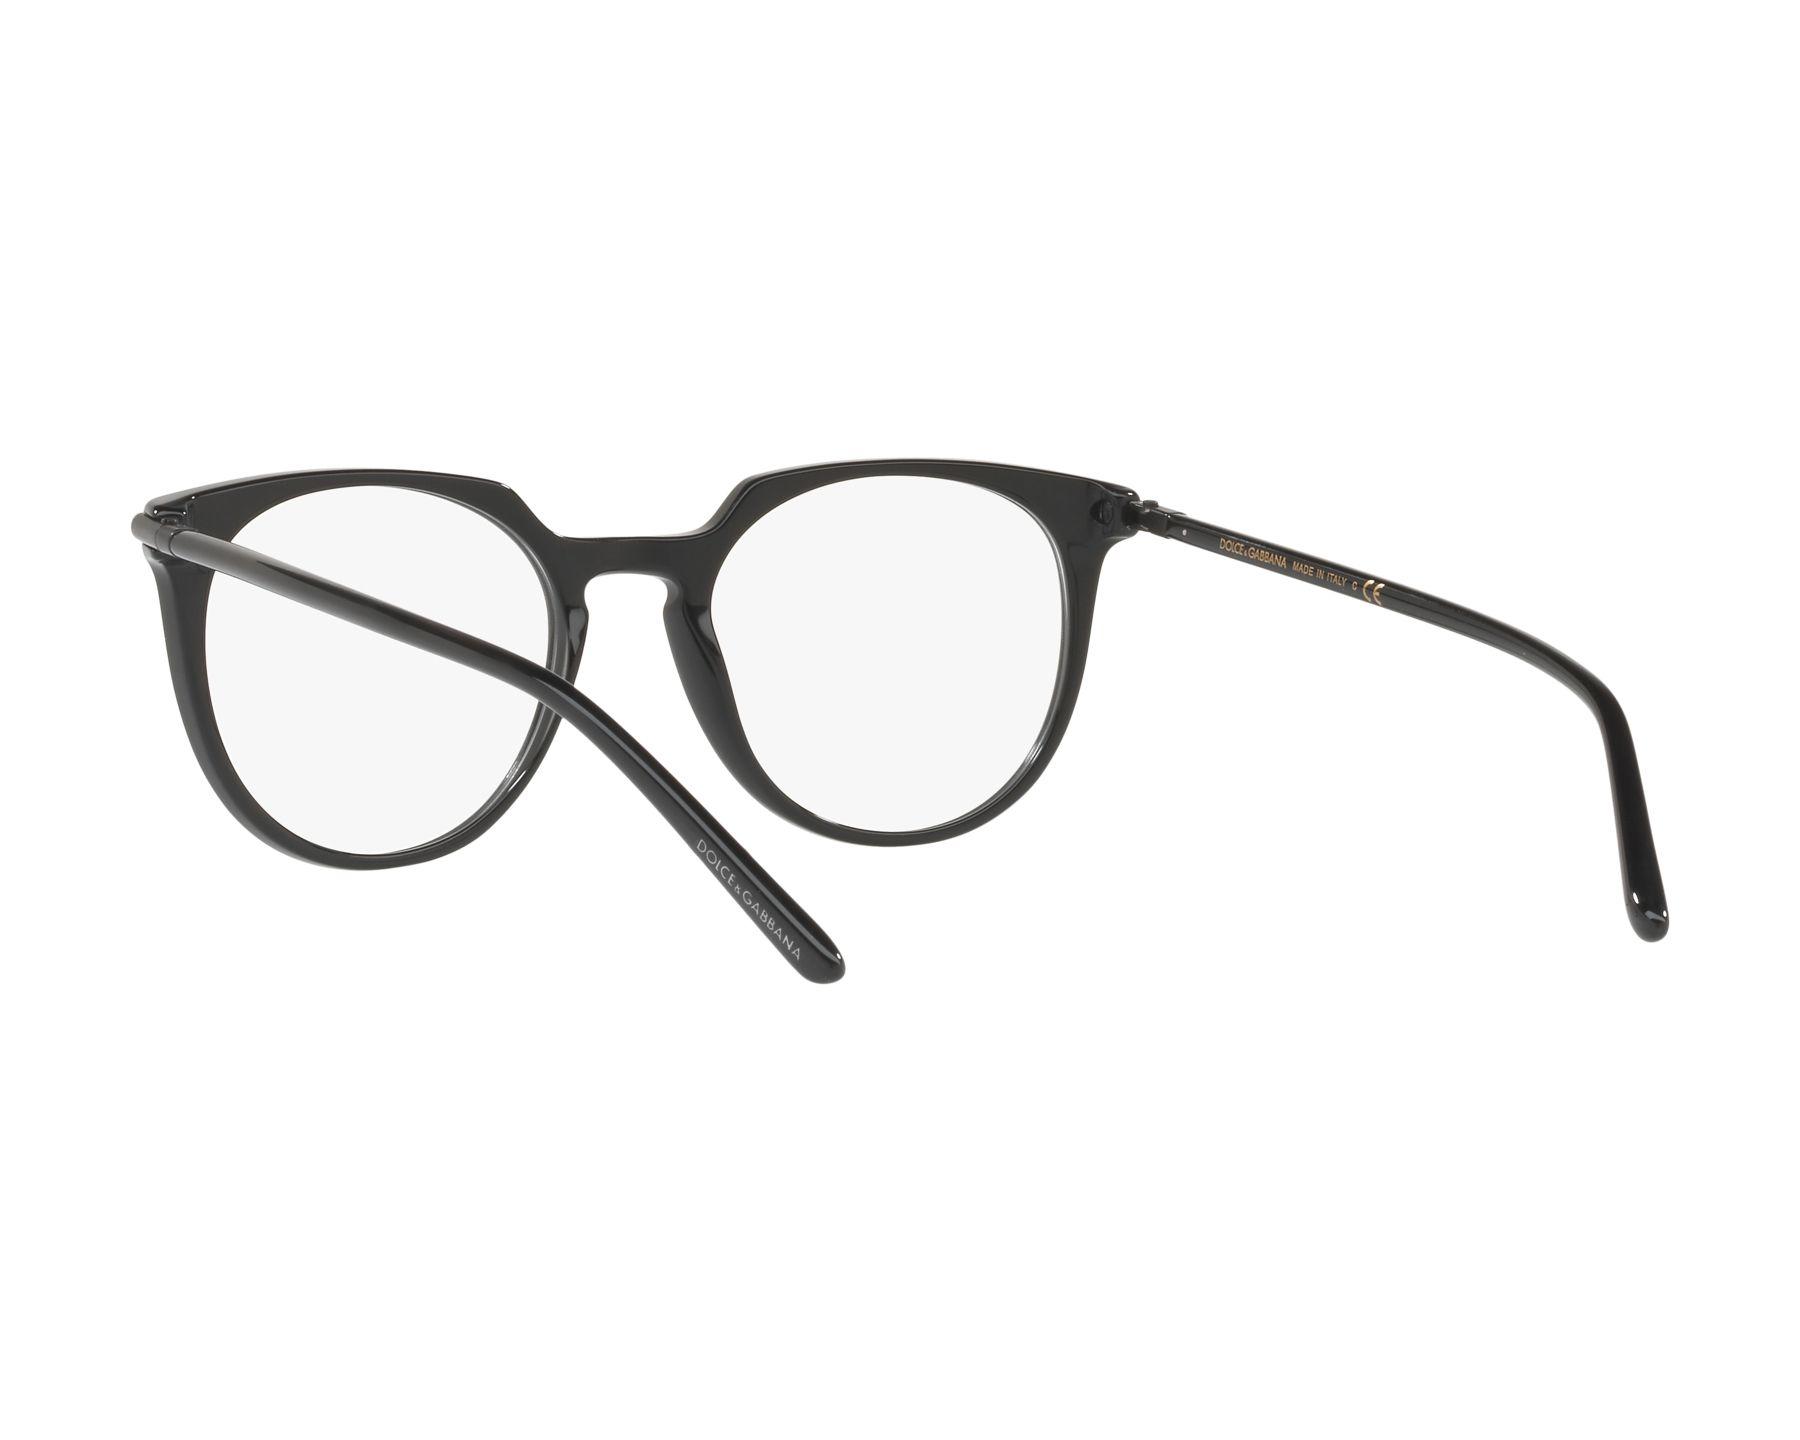 396e061ce9 Lunettes de vue Dolce & Gabbana DG-3288 501 50-19 Noir vue 360